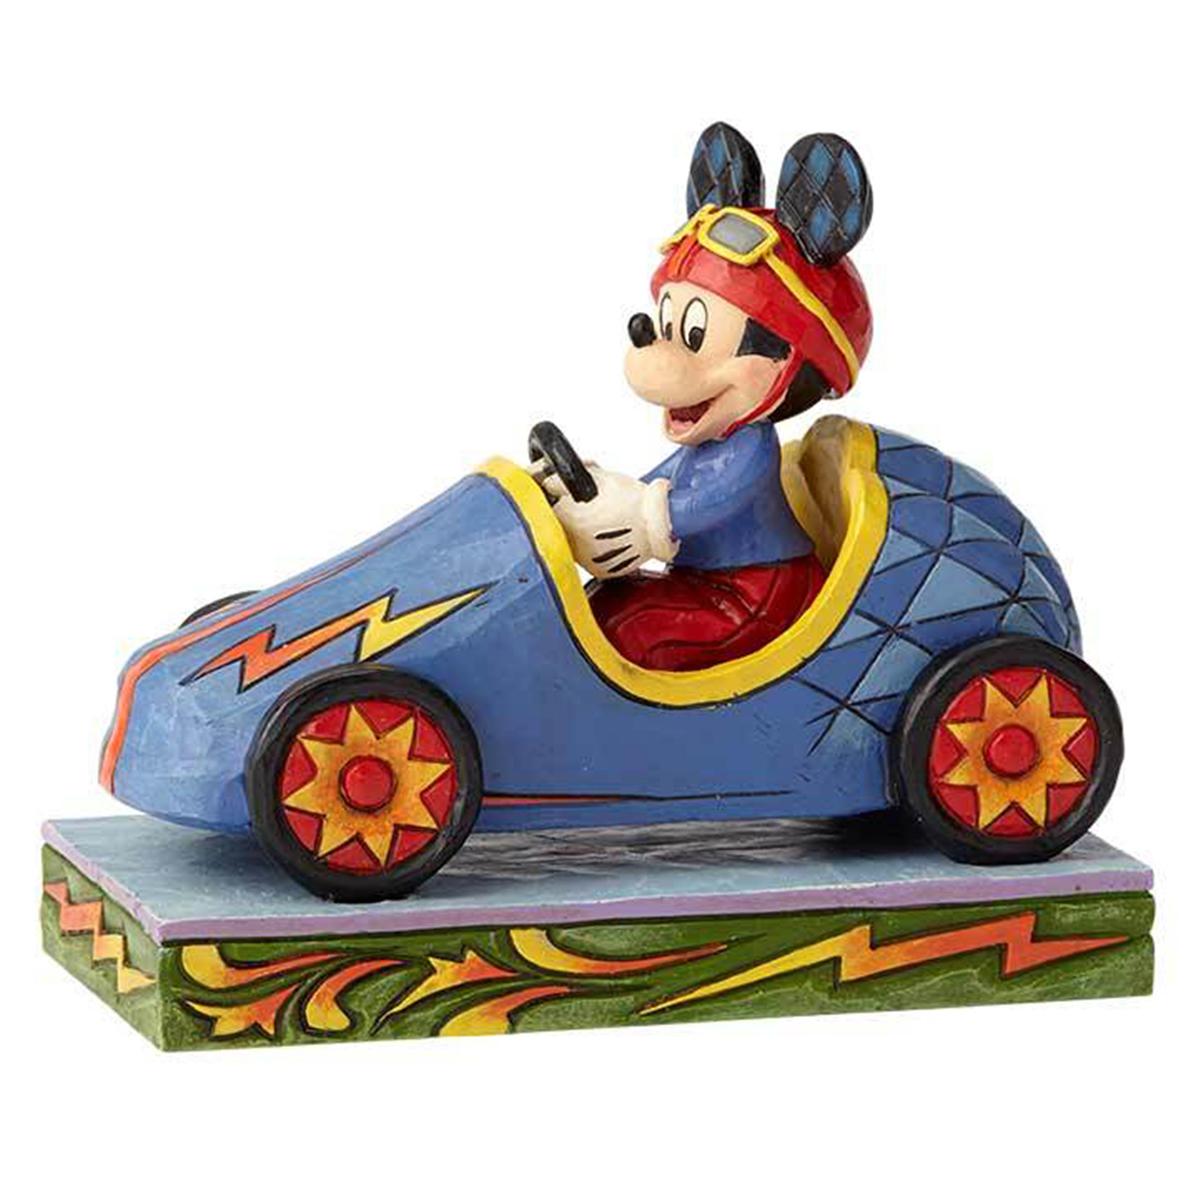 Figurine créateur \'Mickey\' pilote de course (Jim Shore) - 135x10x6 cm - [Q3140]